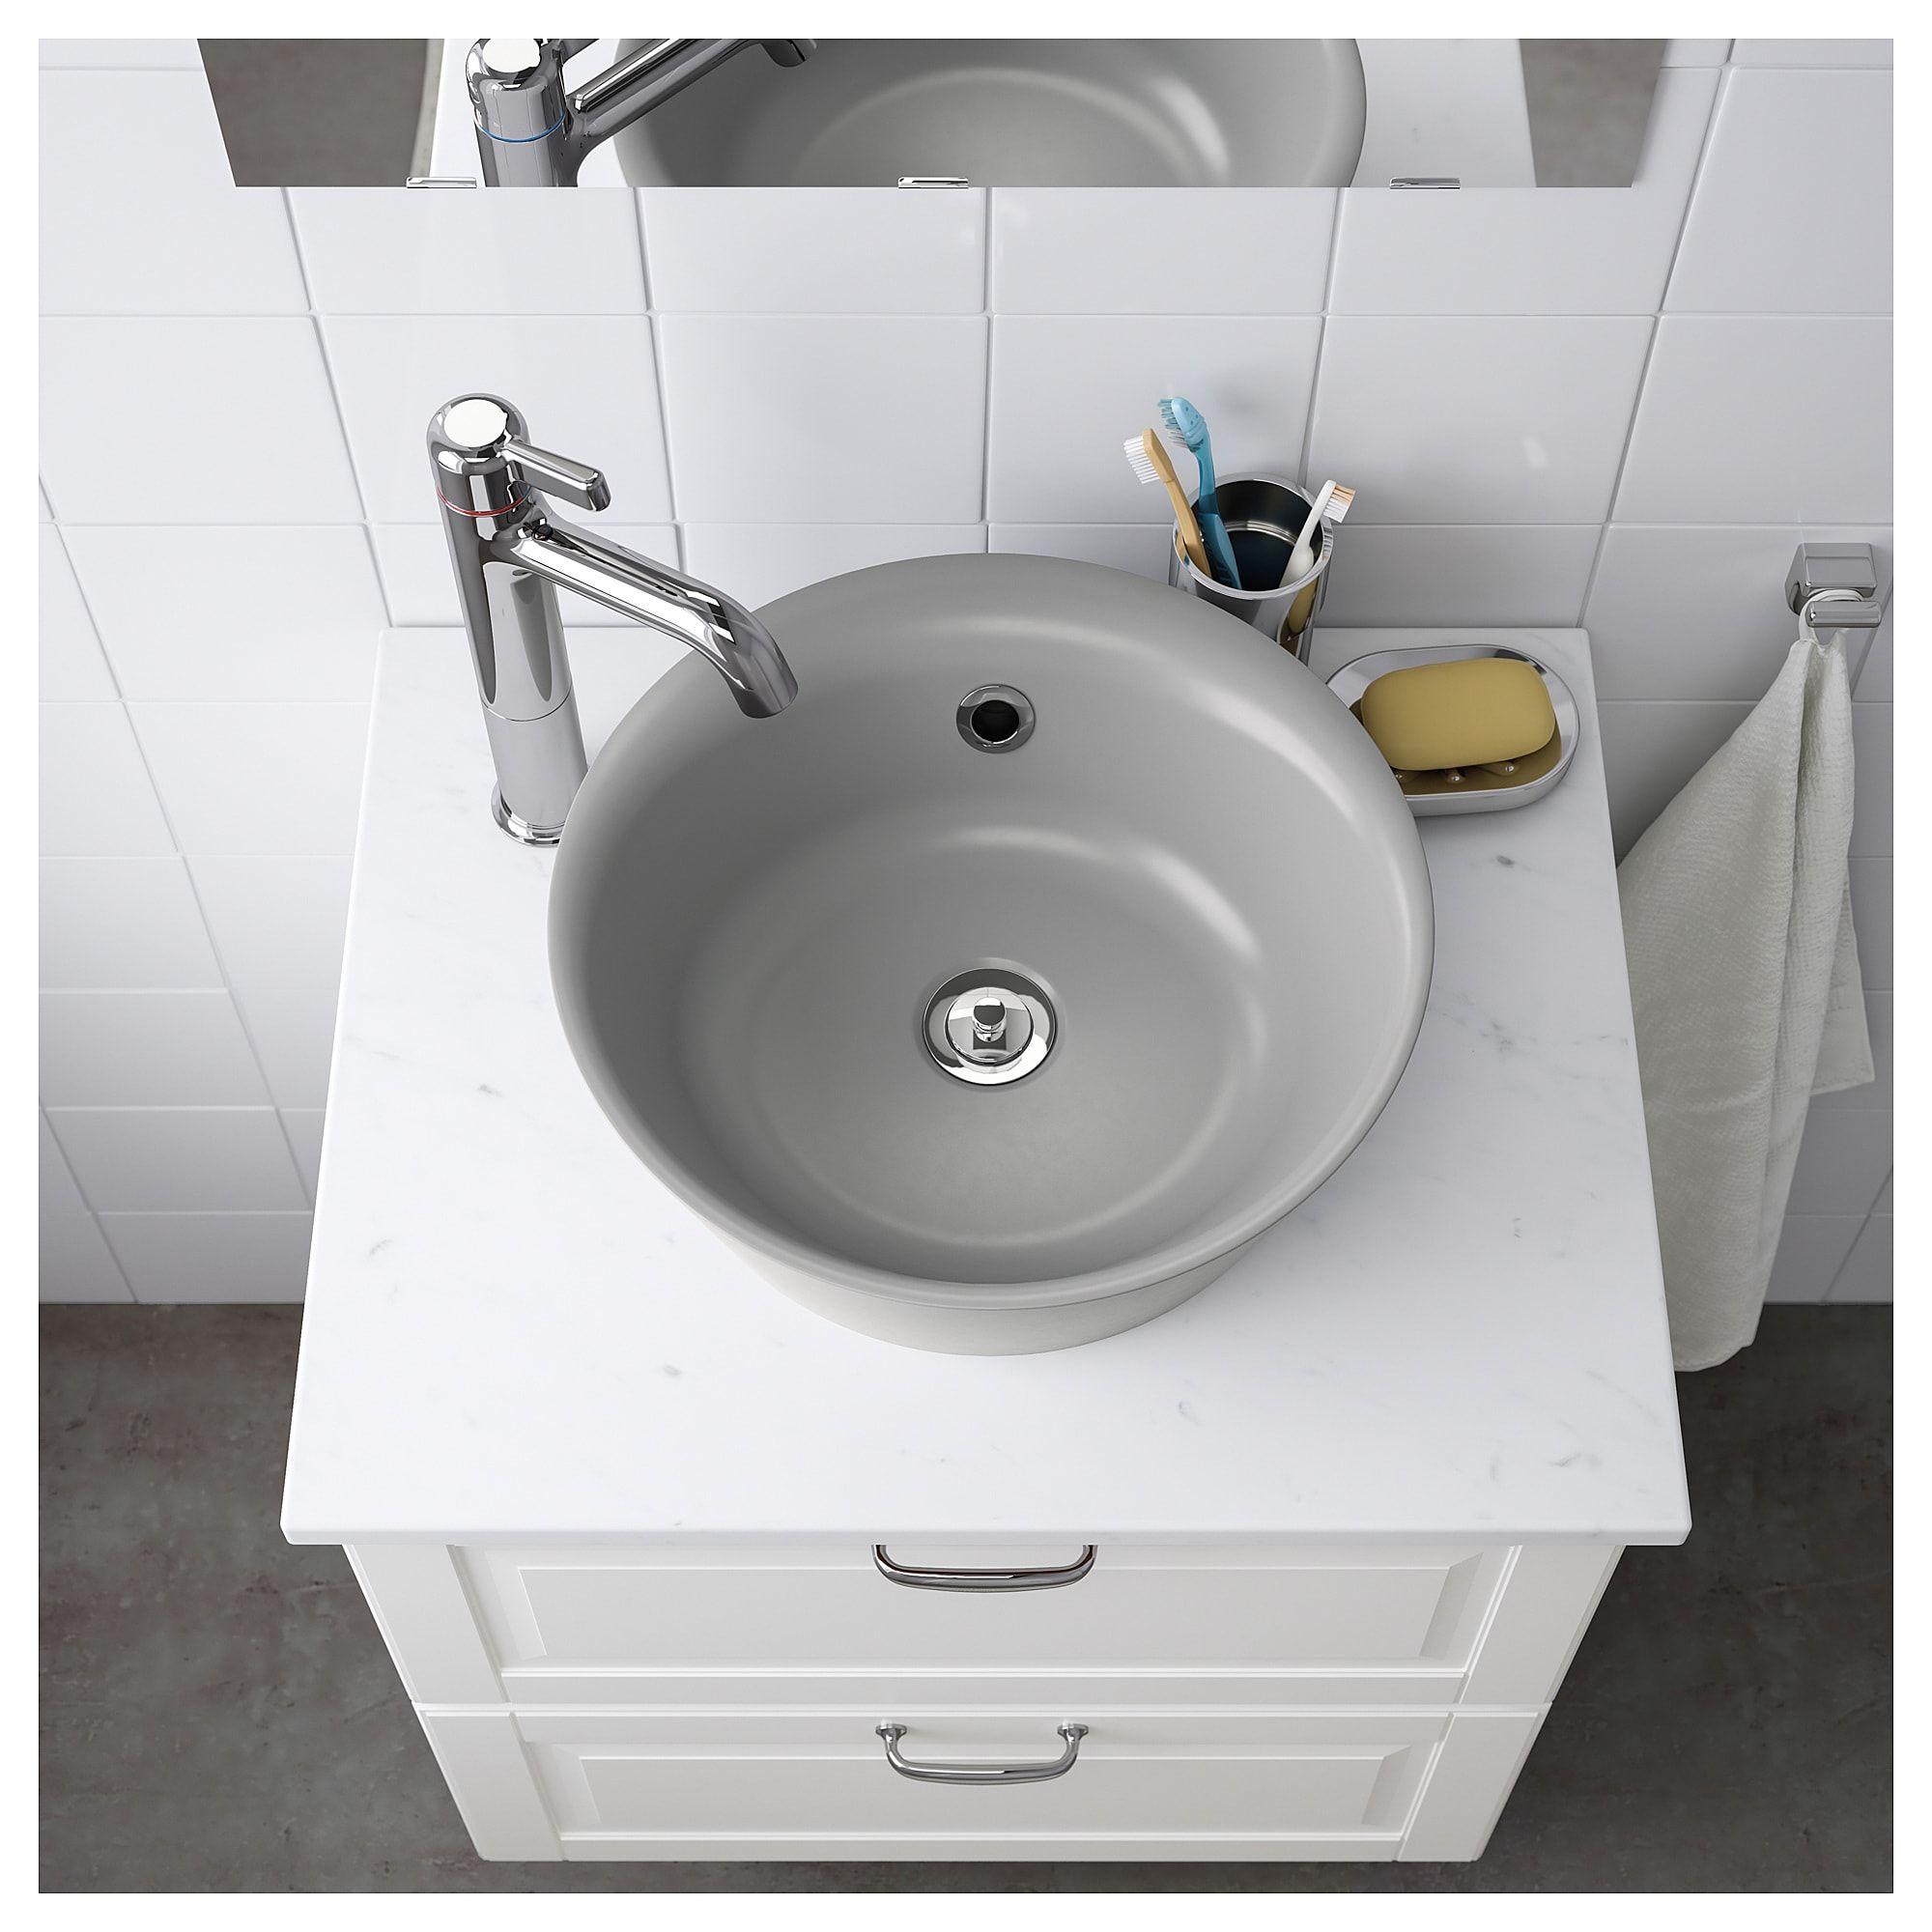 Kattevik Aufsatzwaschbecken Grau Ikea Deutschland